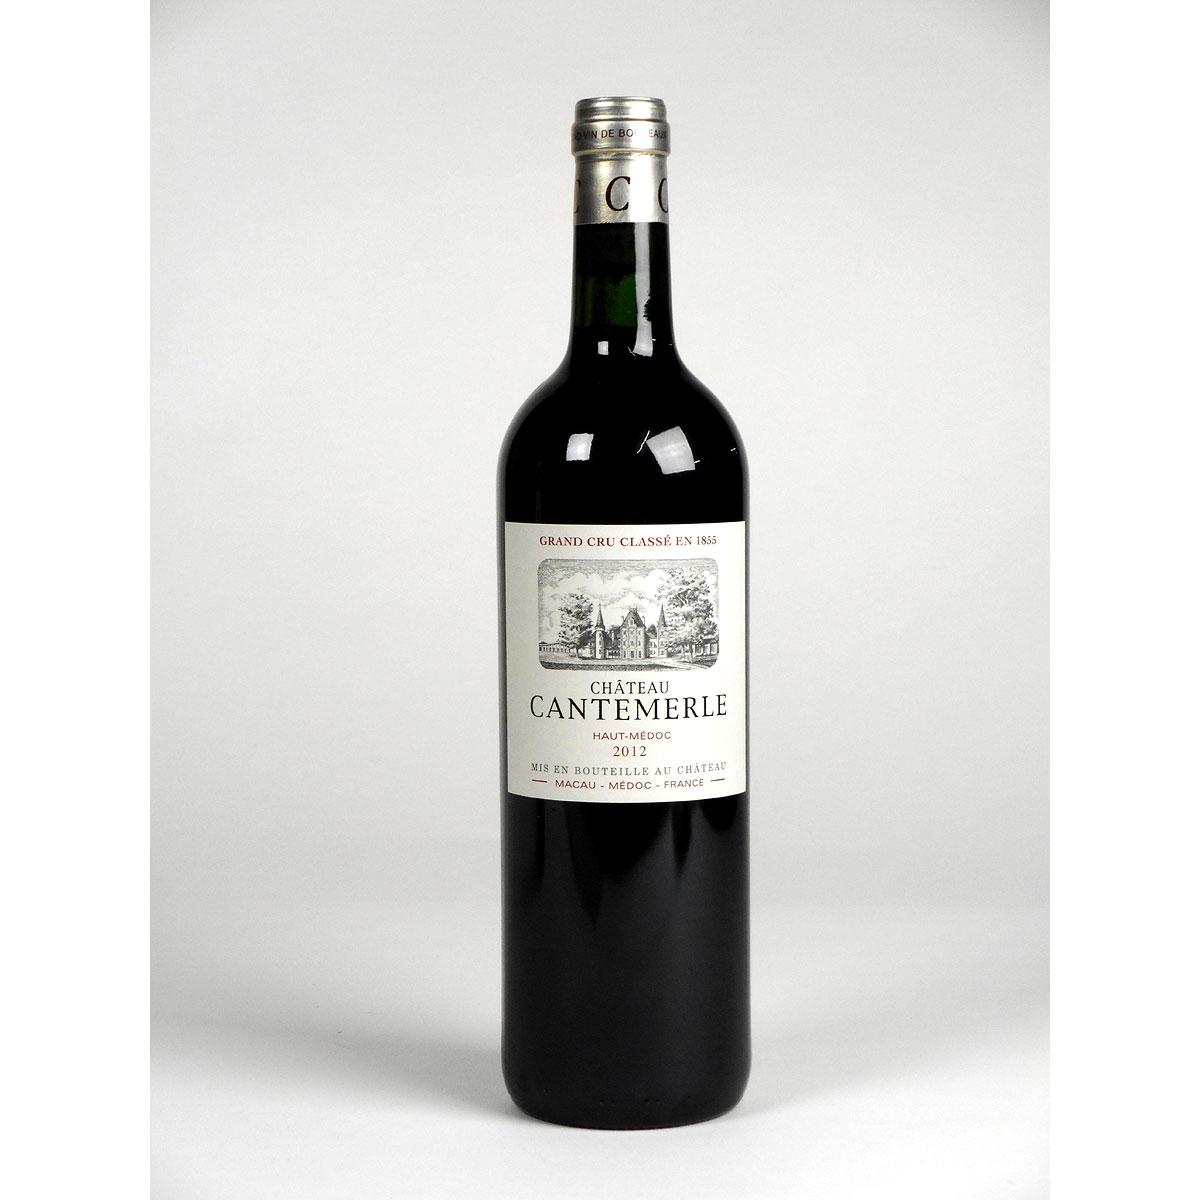 Haut-Médoc: Château Cantemerle 2012 - Bottle